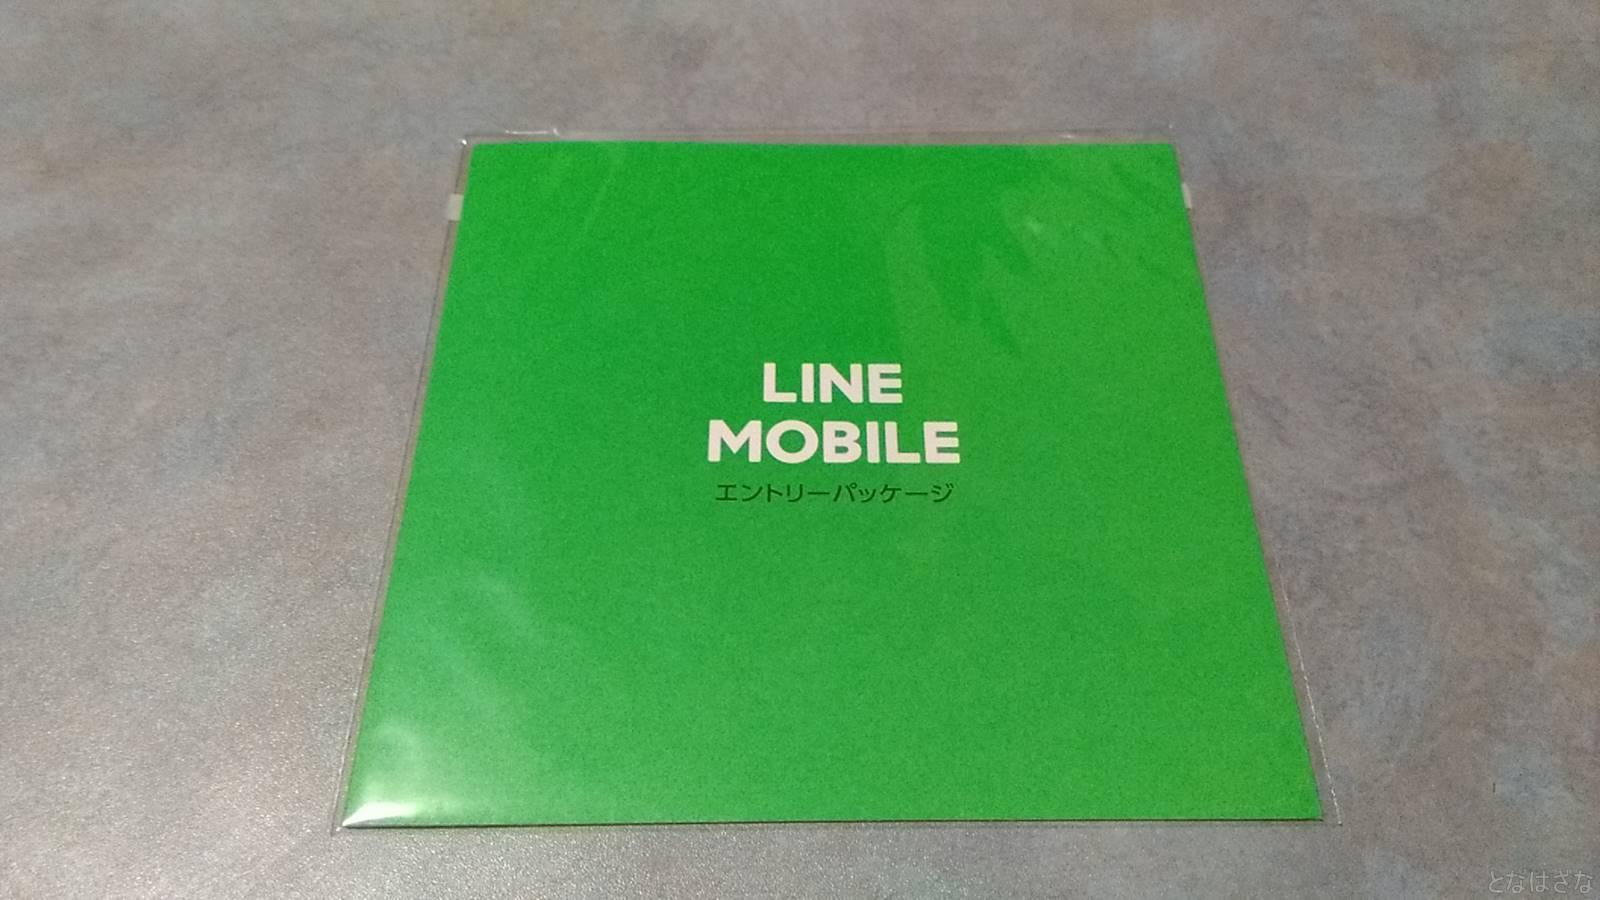 LINEモバイル エントリパッケージの表面